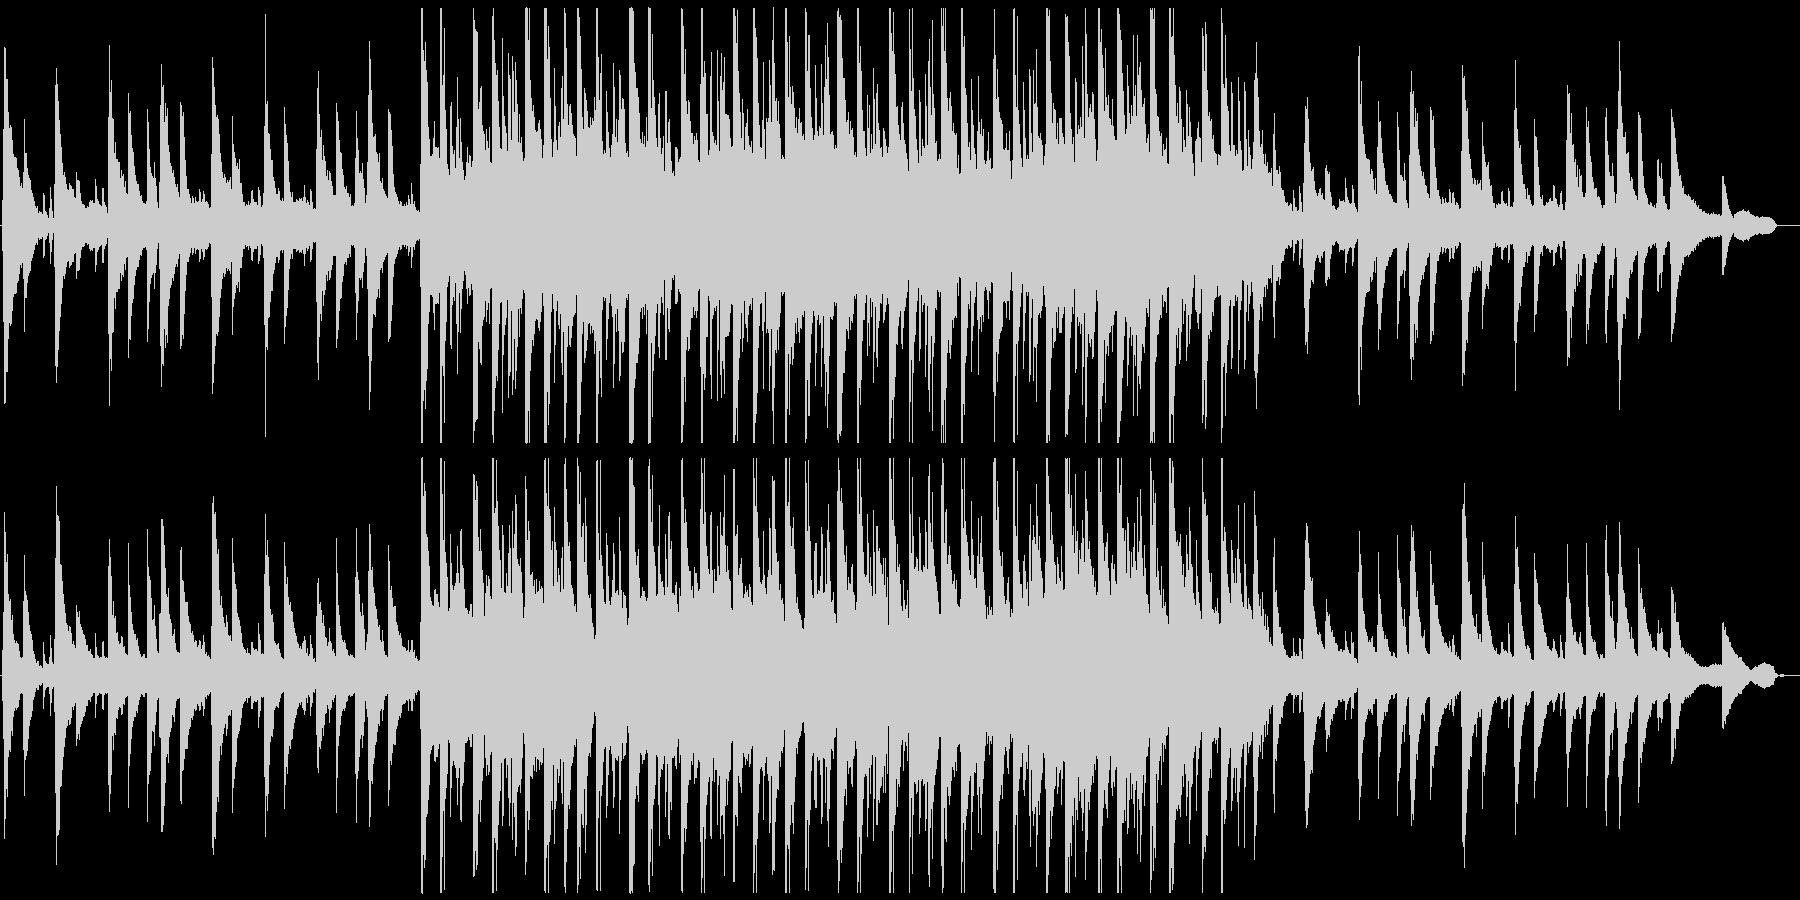 ちょっと切ないピアノバラードの未再生の波形